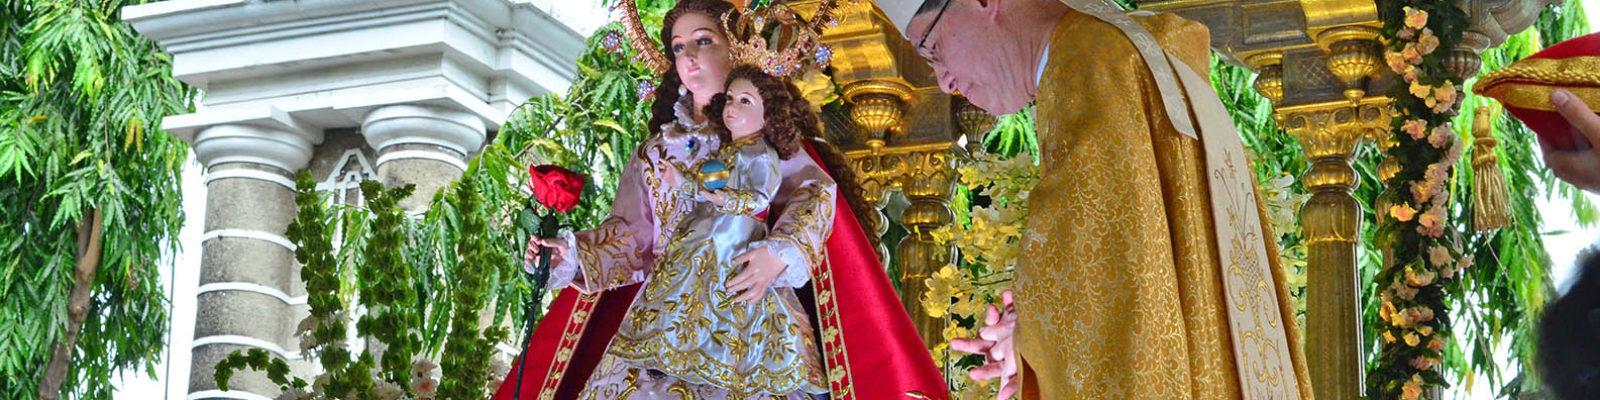 VirgenDelaRosa-CBCPNews-031619-03